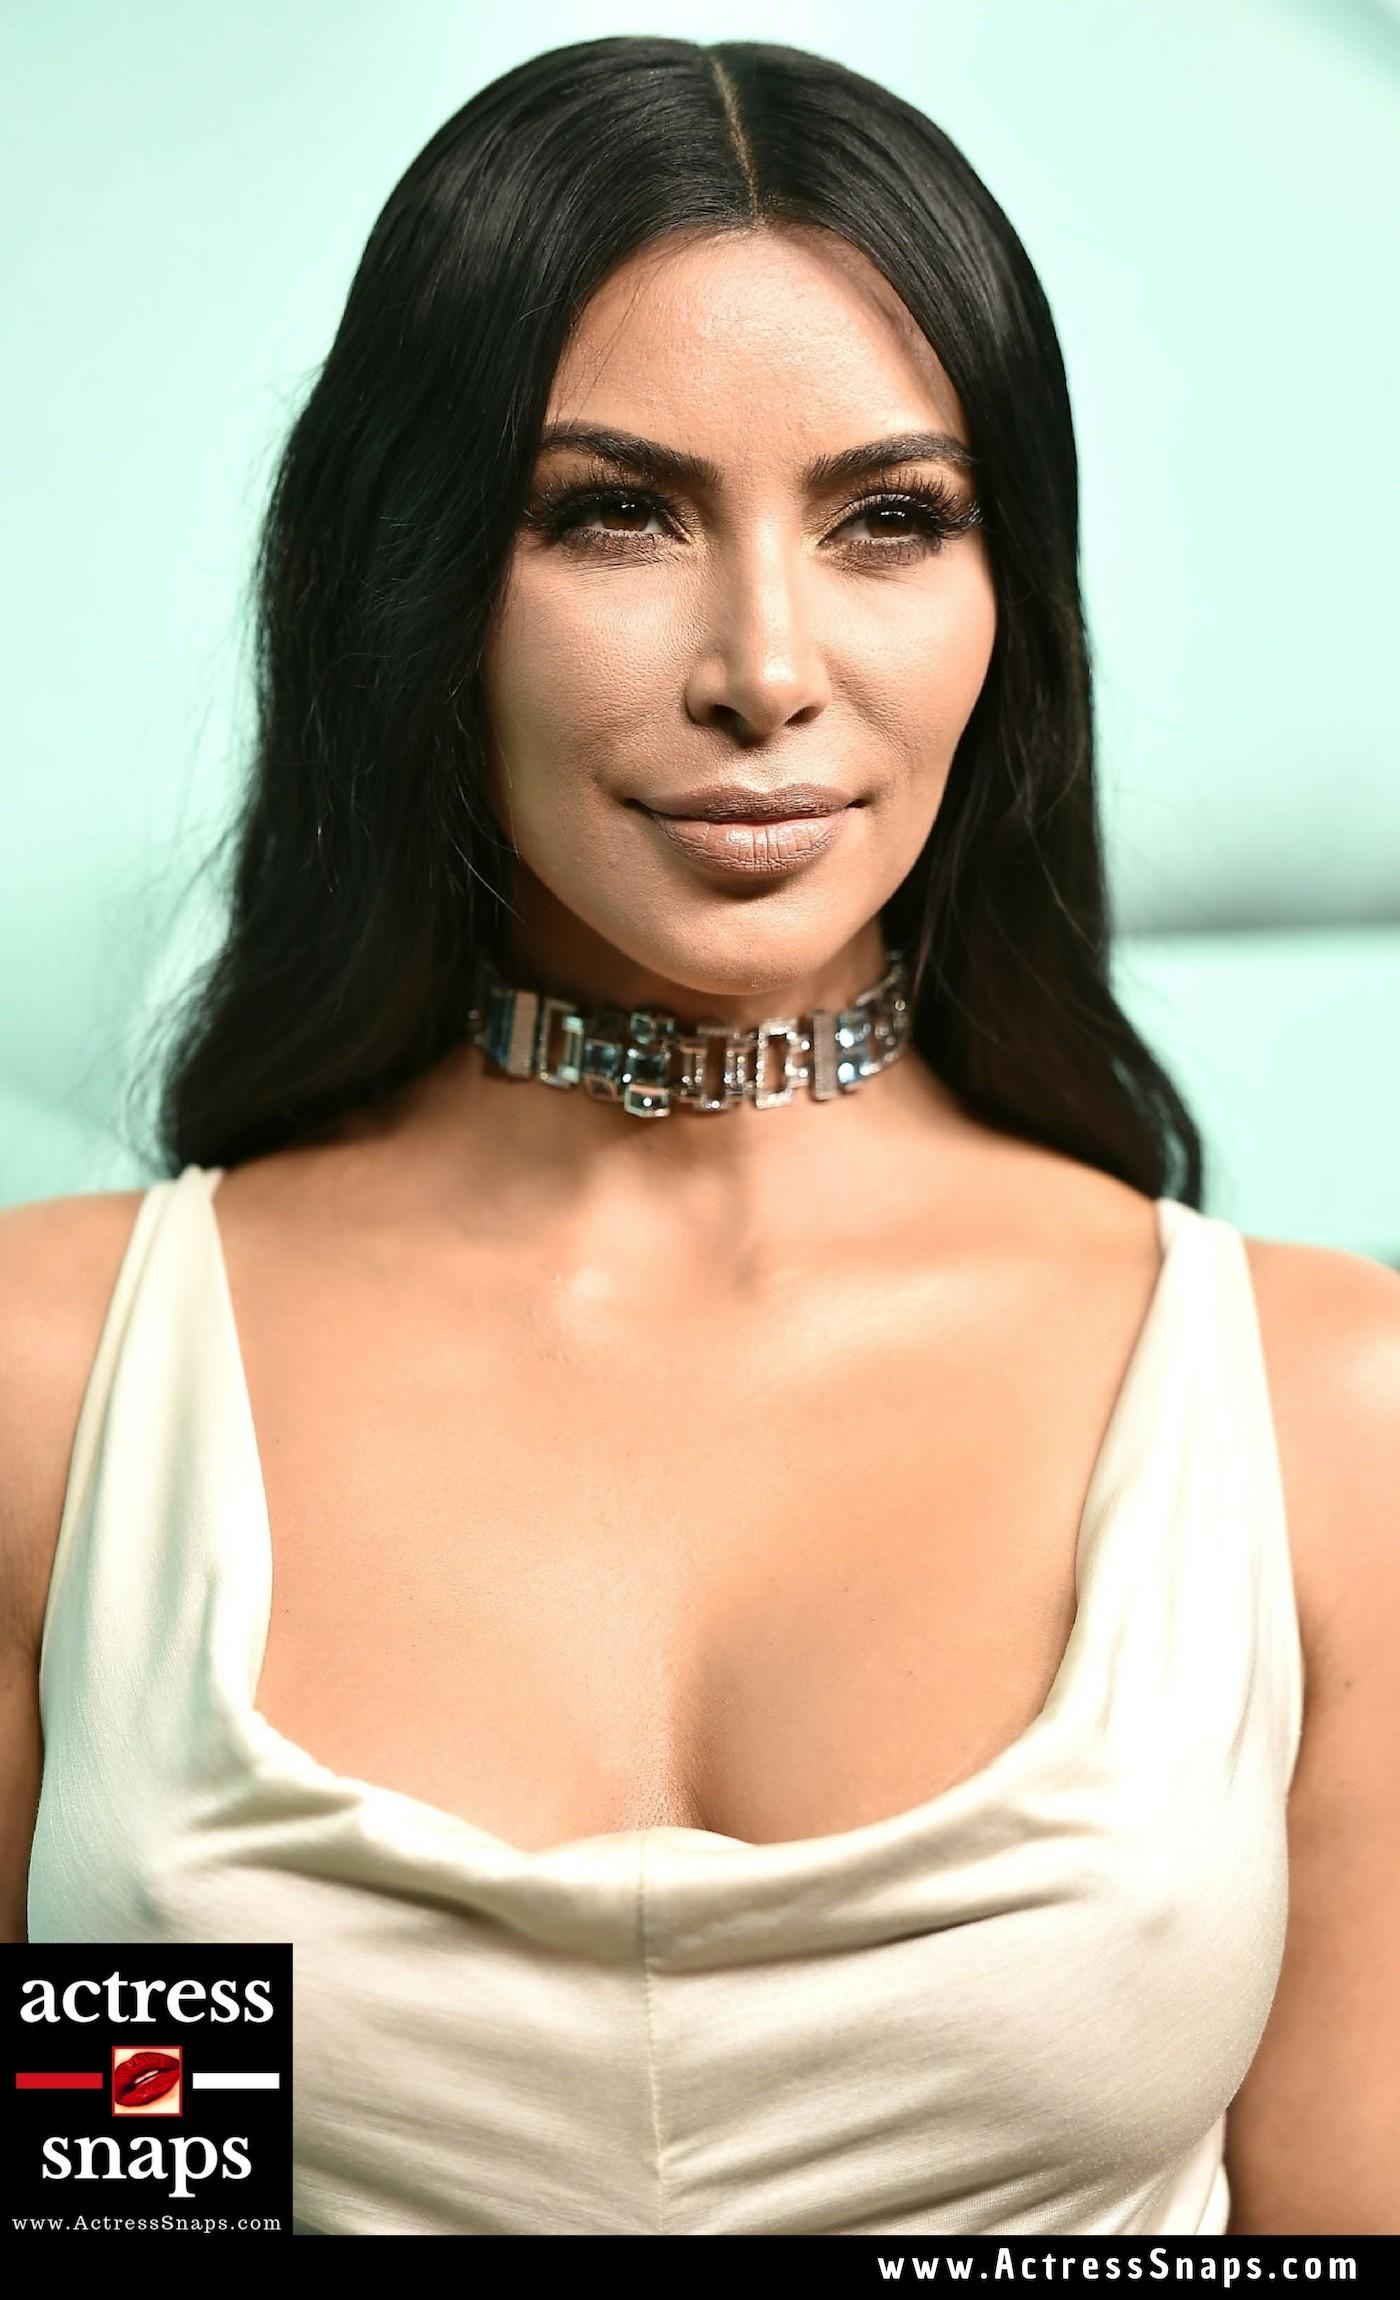 Kim Kardashian - Sexy In White Pictures - Sexy Actress Pictures   Hot Actress Pictures - ActressSnaps.com